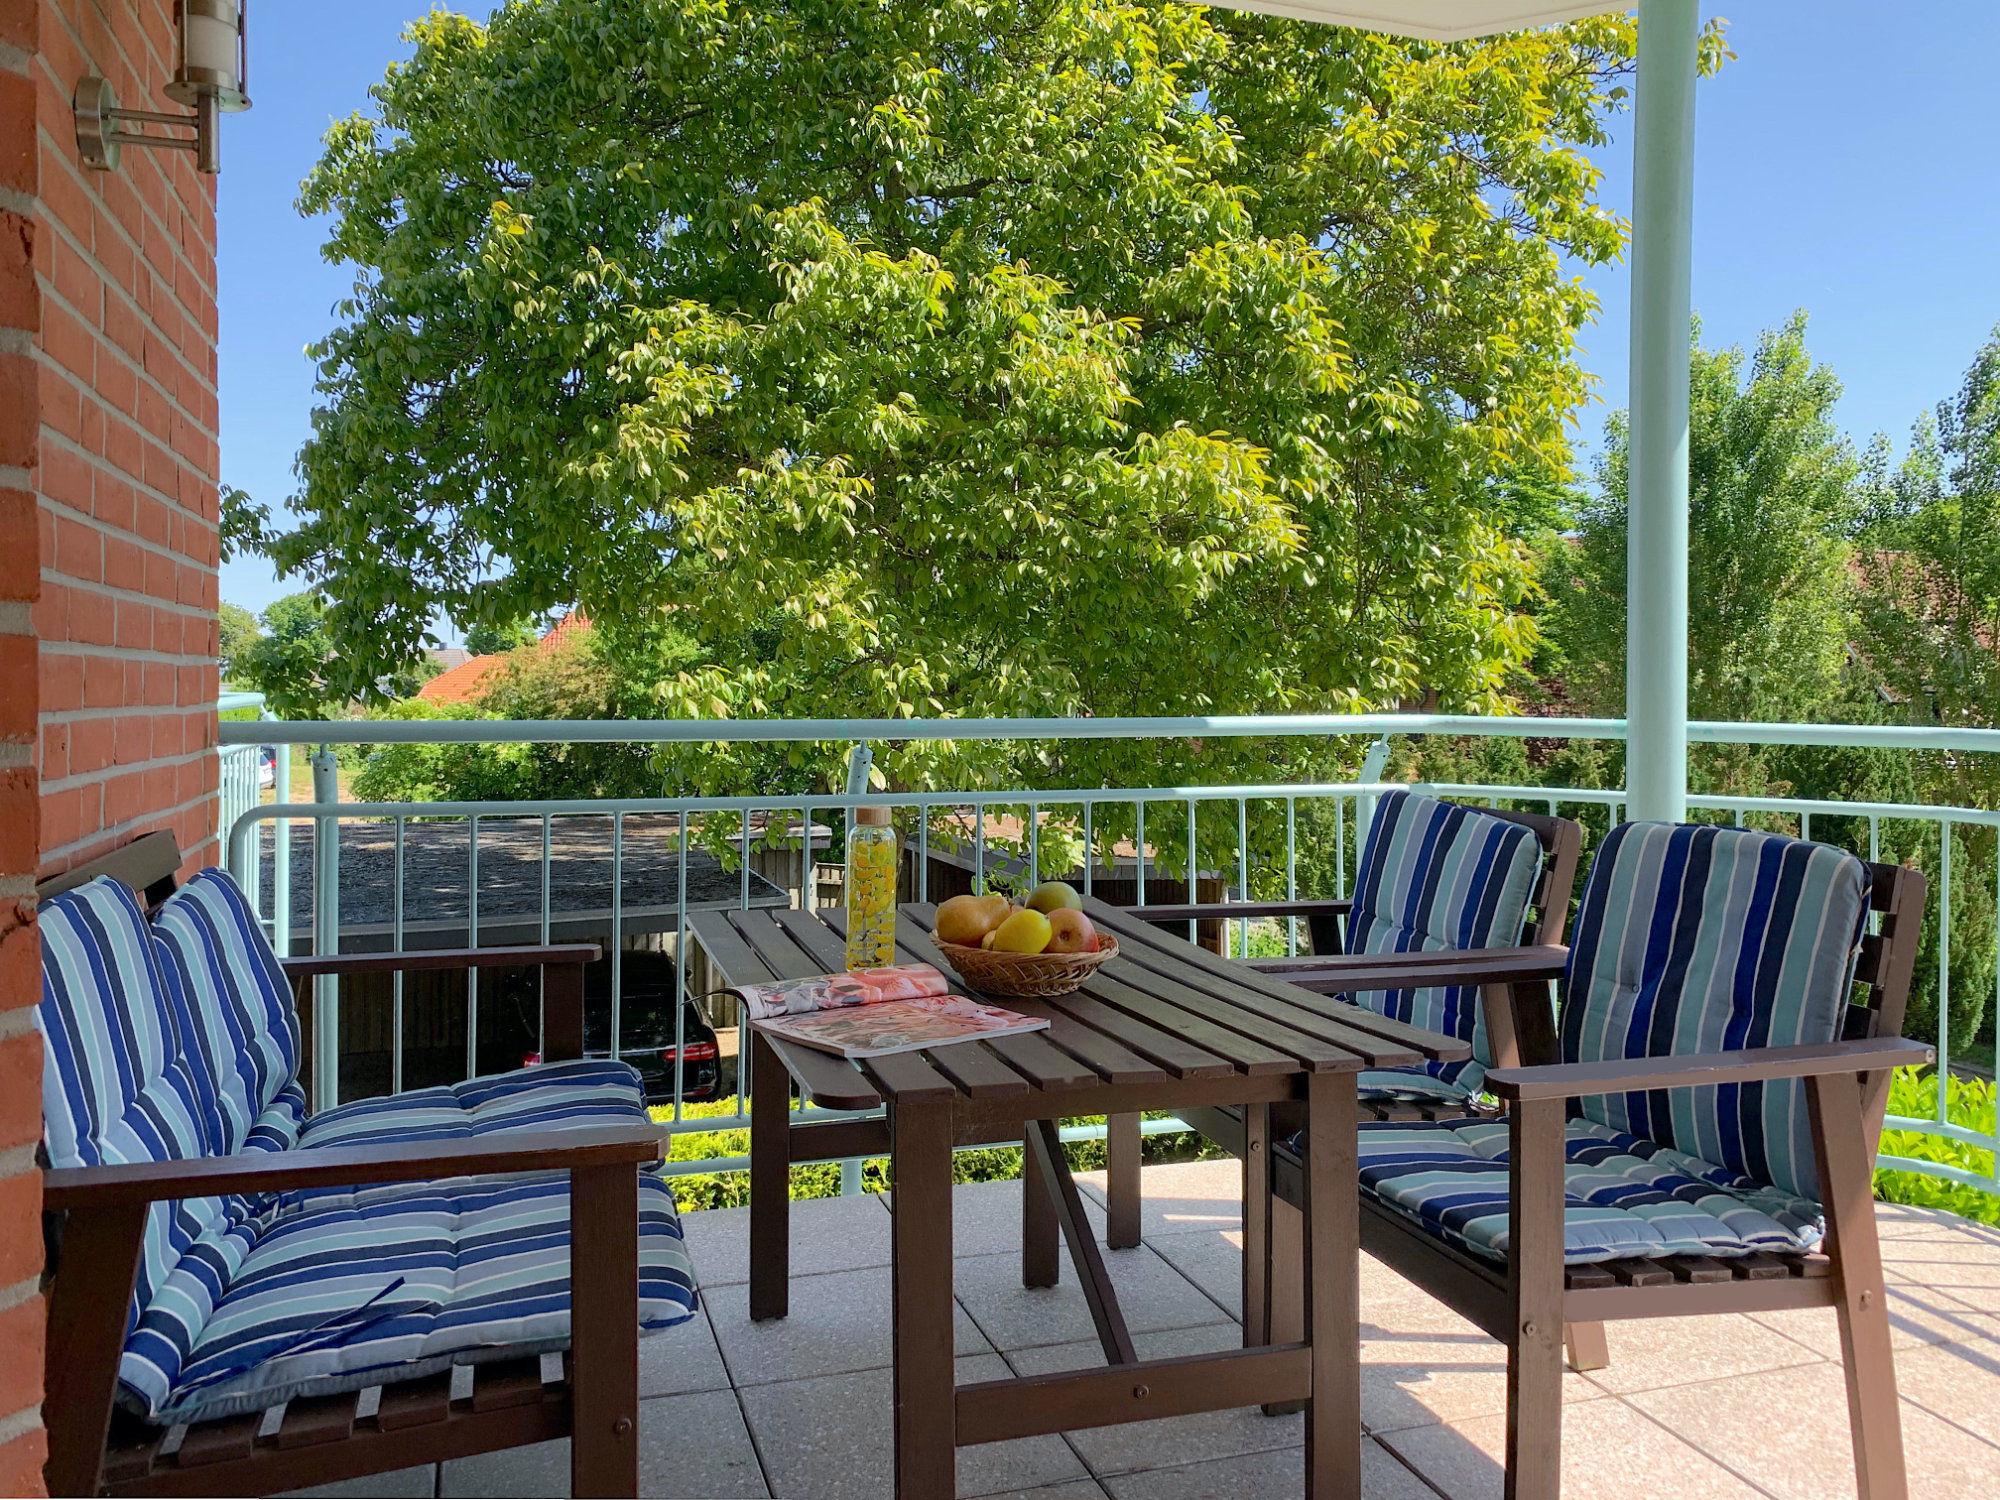 1. Balkon mit 2 Gartenbänken mit Sitzpolstern